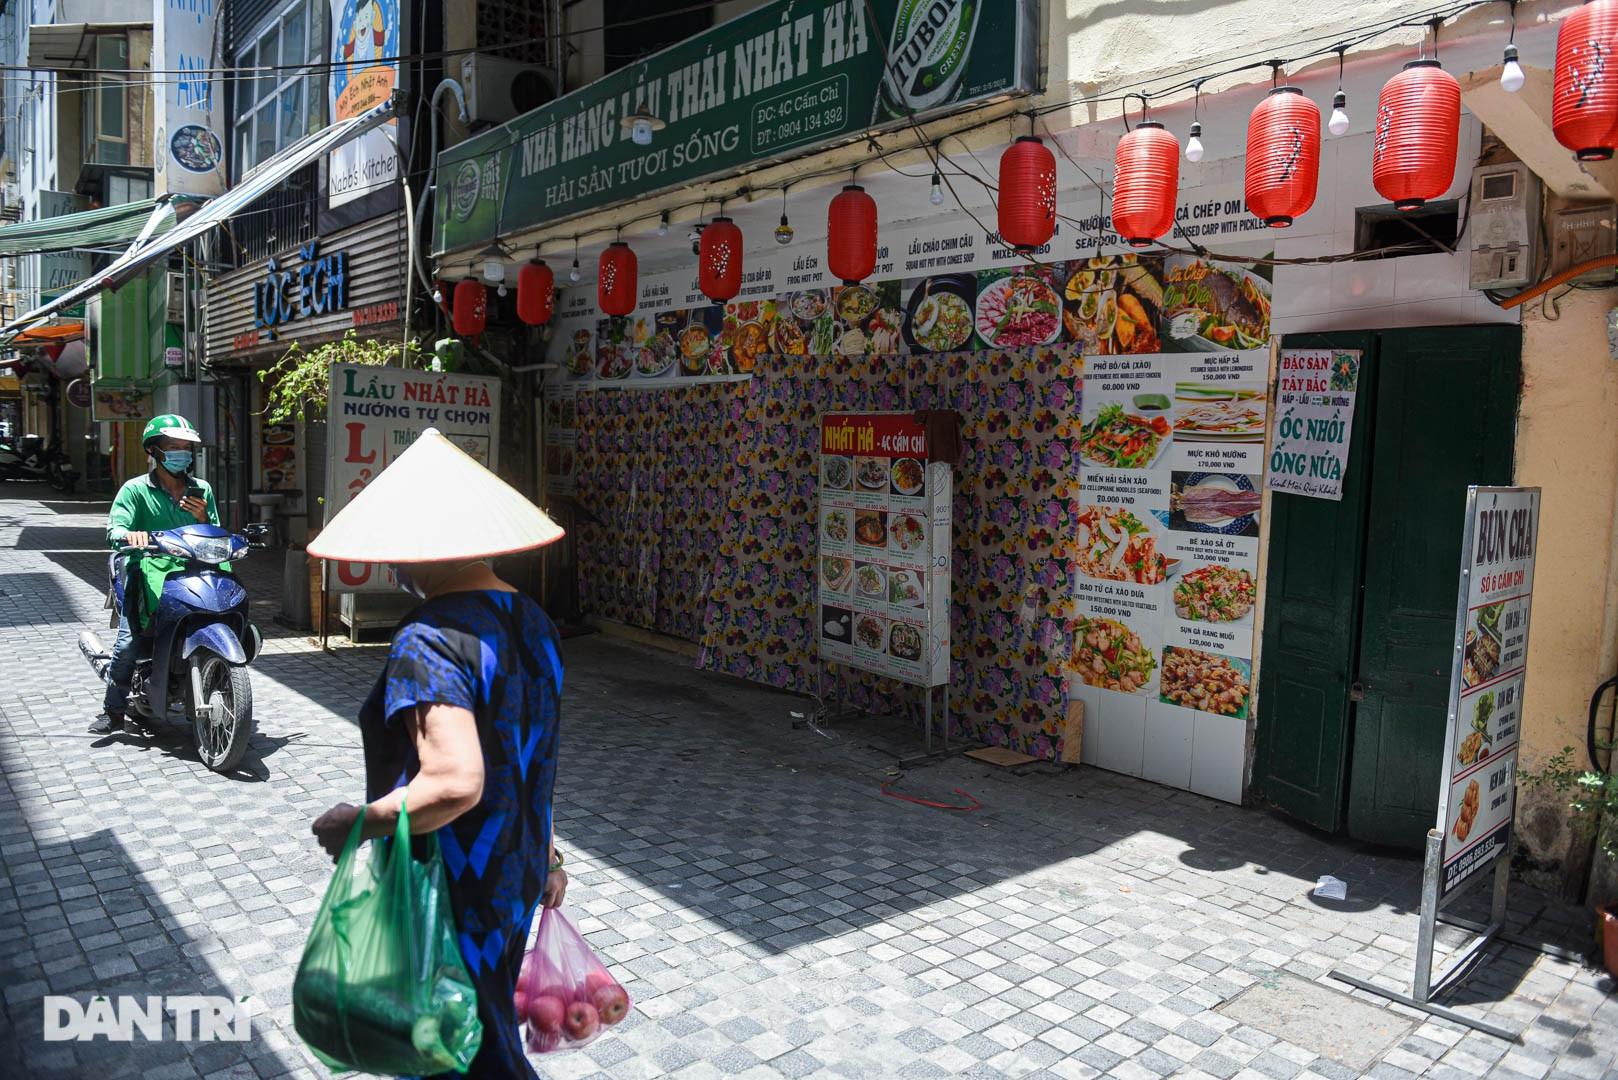 Cảnh cửa đóng then cài, đìu hiu ở phố ẩm thực không ngủ Hà Nội - 7